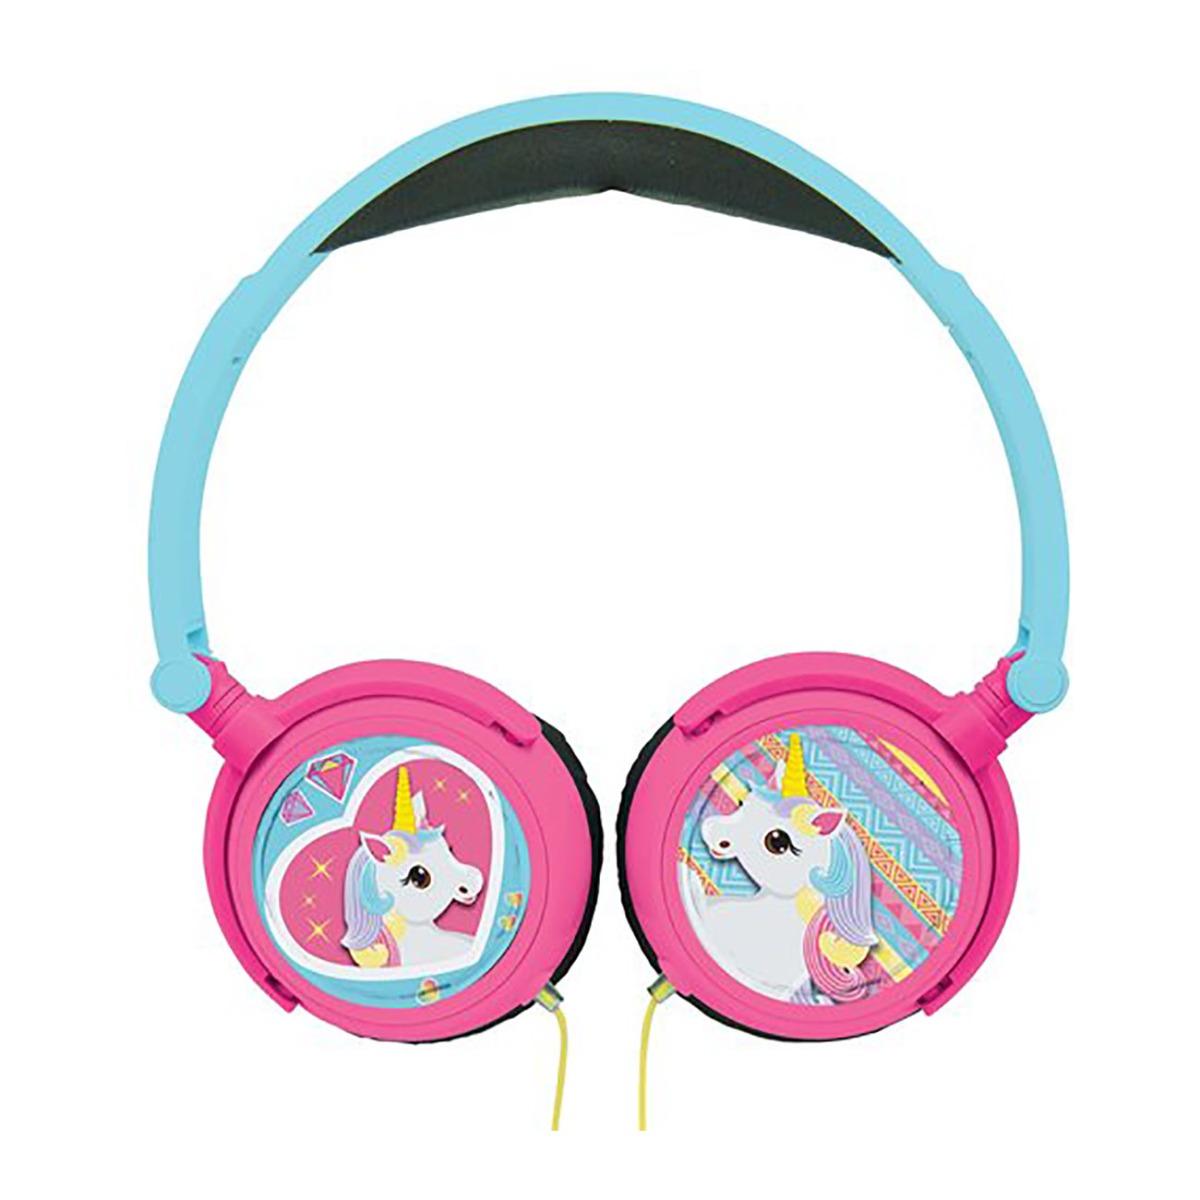 Casti audio cu fir pliabile Lexibook. Unicorni